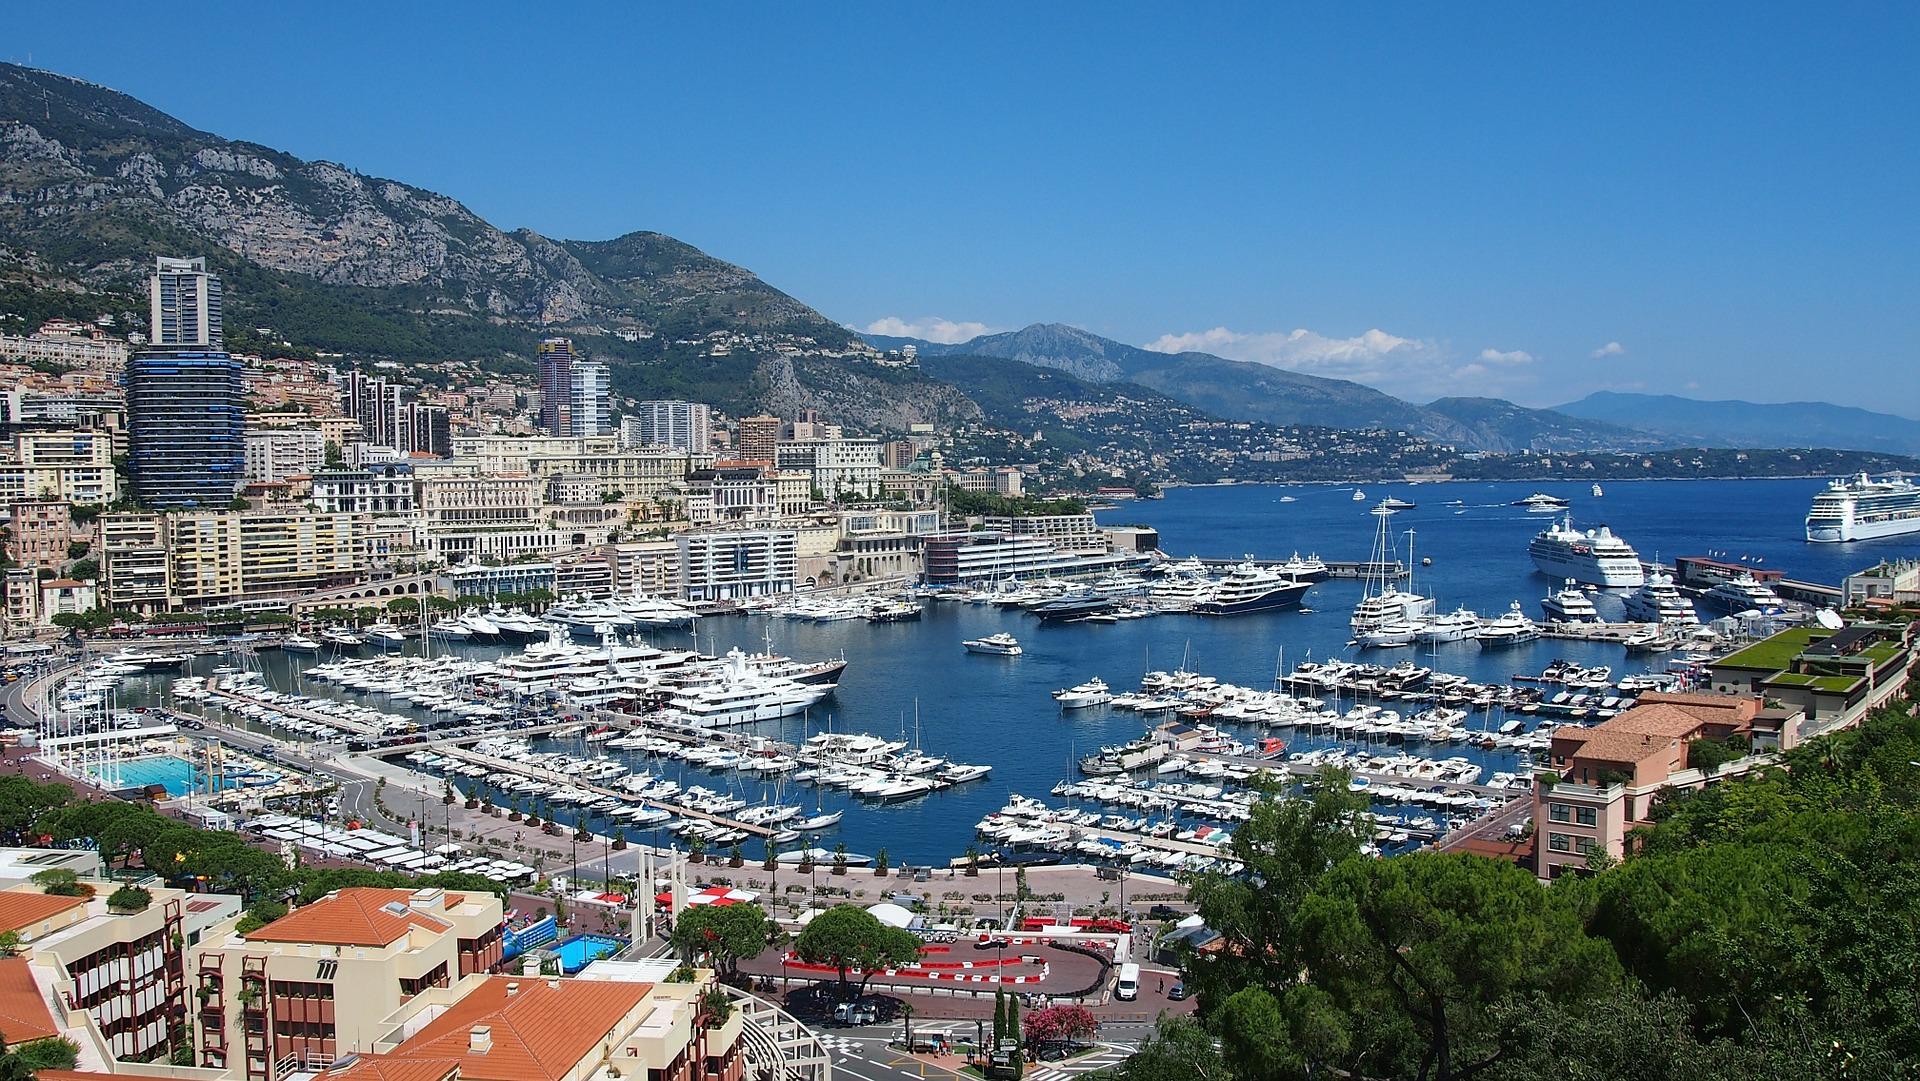 Private detectives and investigators in Monaco